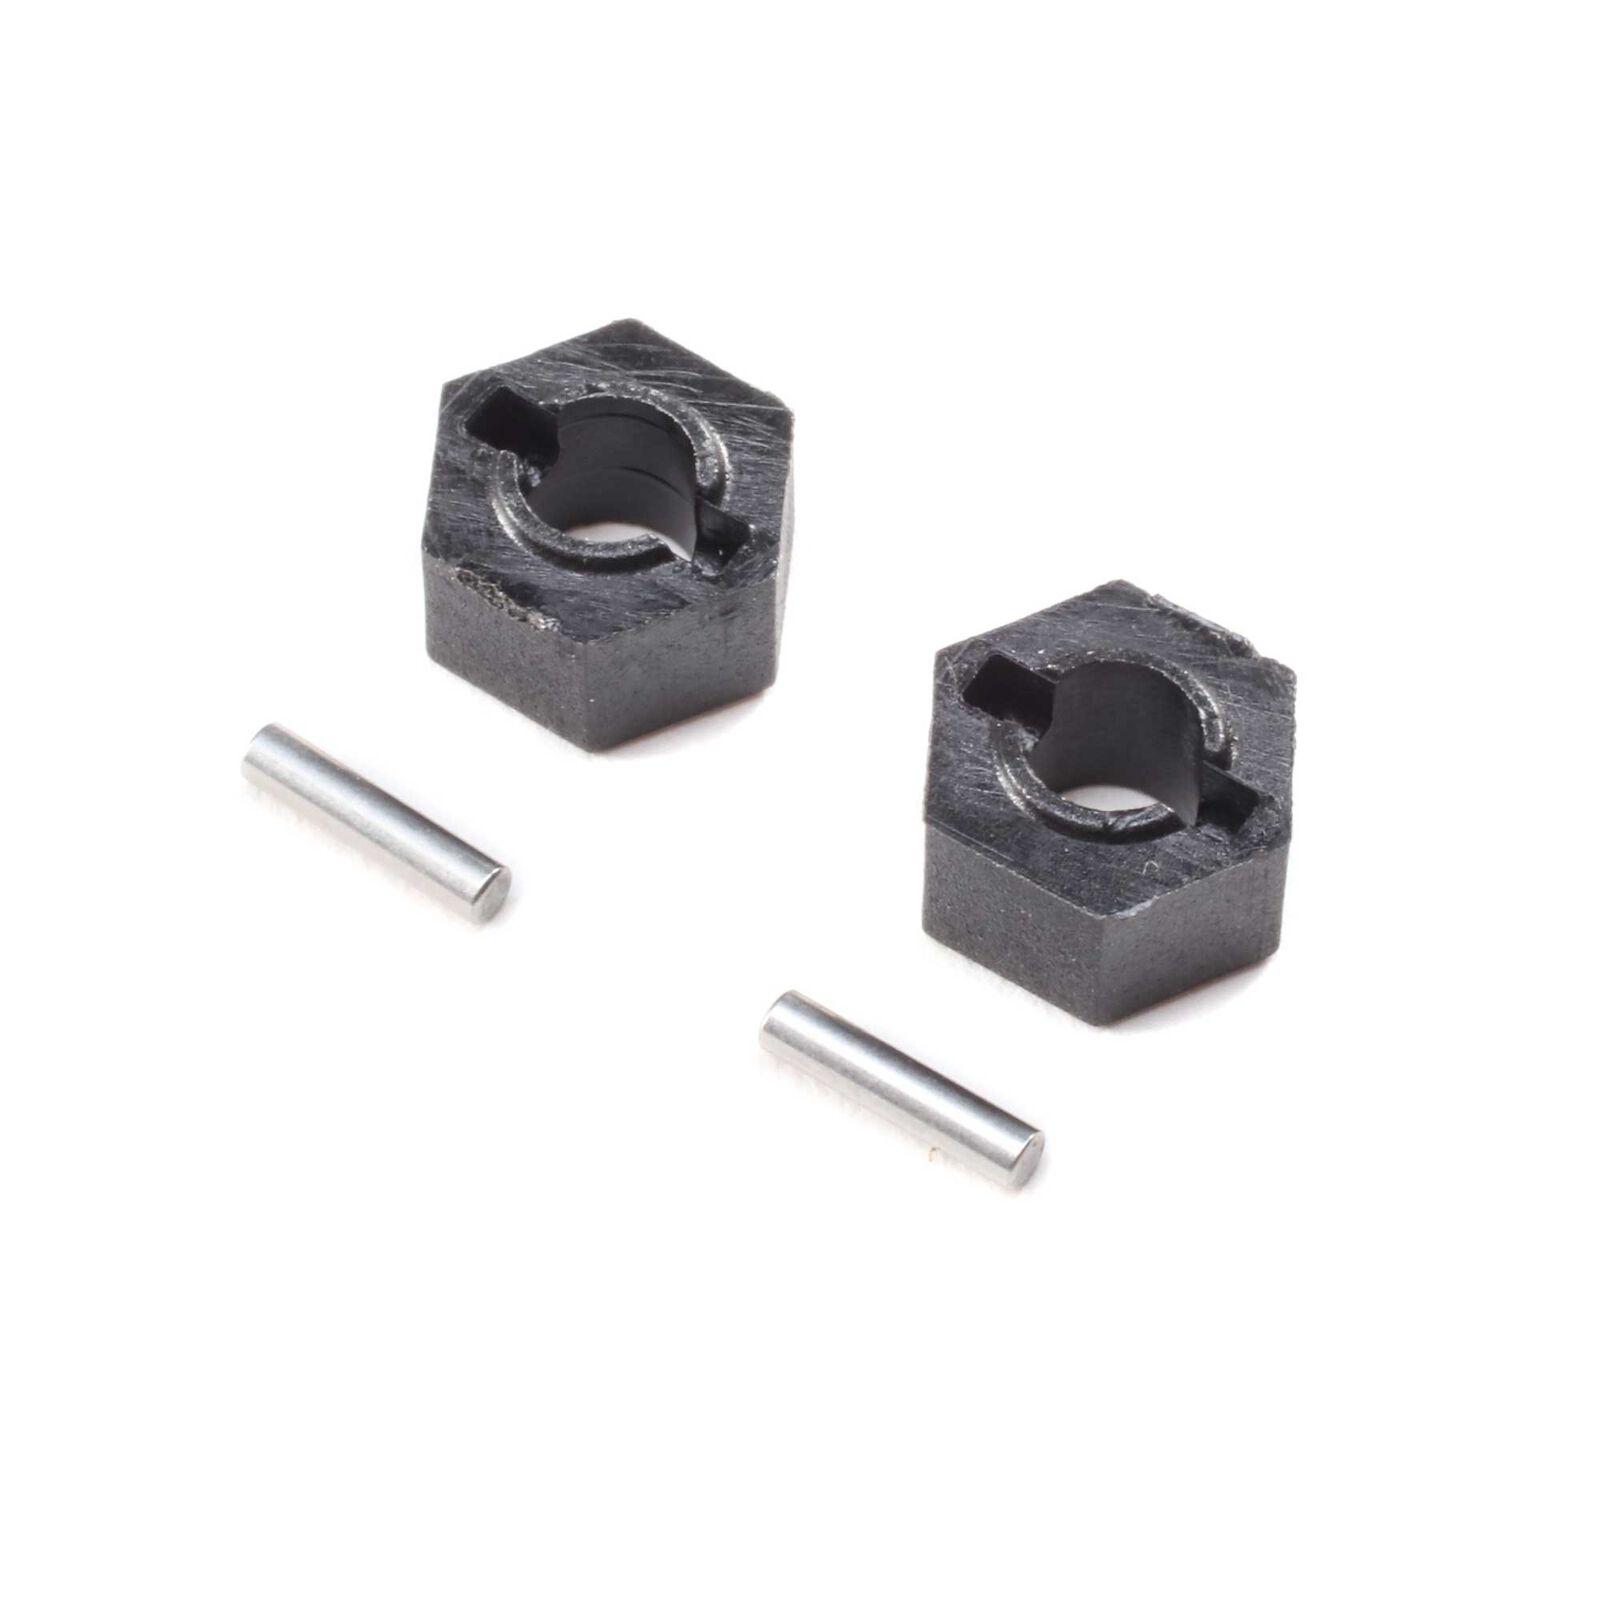 Wheel Hex Pin (2): Mini-T 2.0